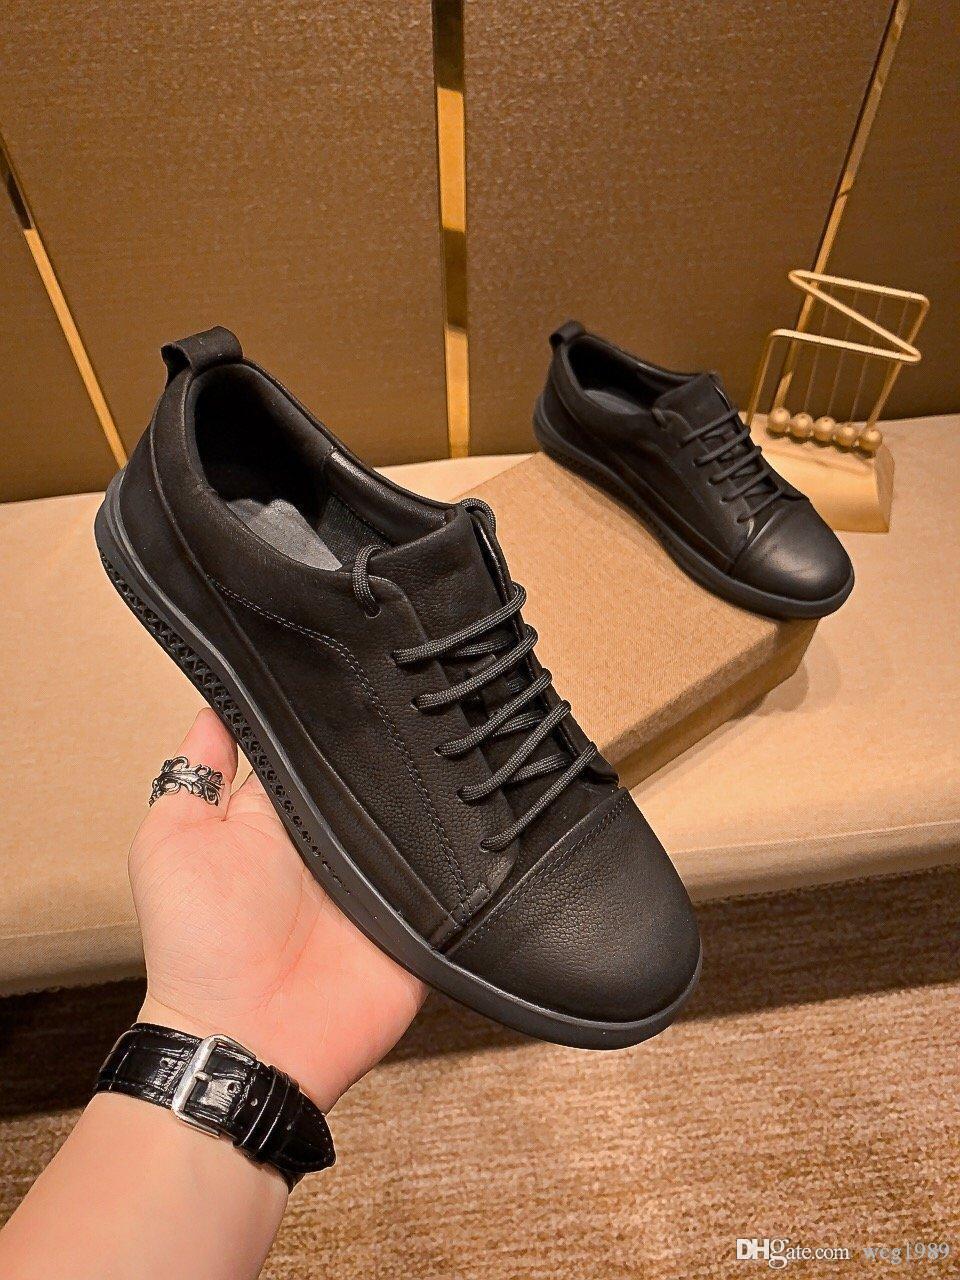 2020 sapatos de couro casuais superiores dos homens novo designer de luxo pele de carneiro revestimento antiderrapante sola usando high-end confortável tamanho 39 um 44